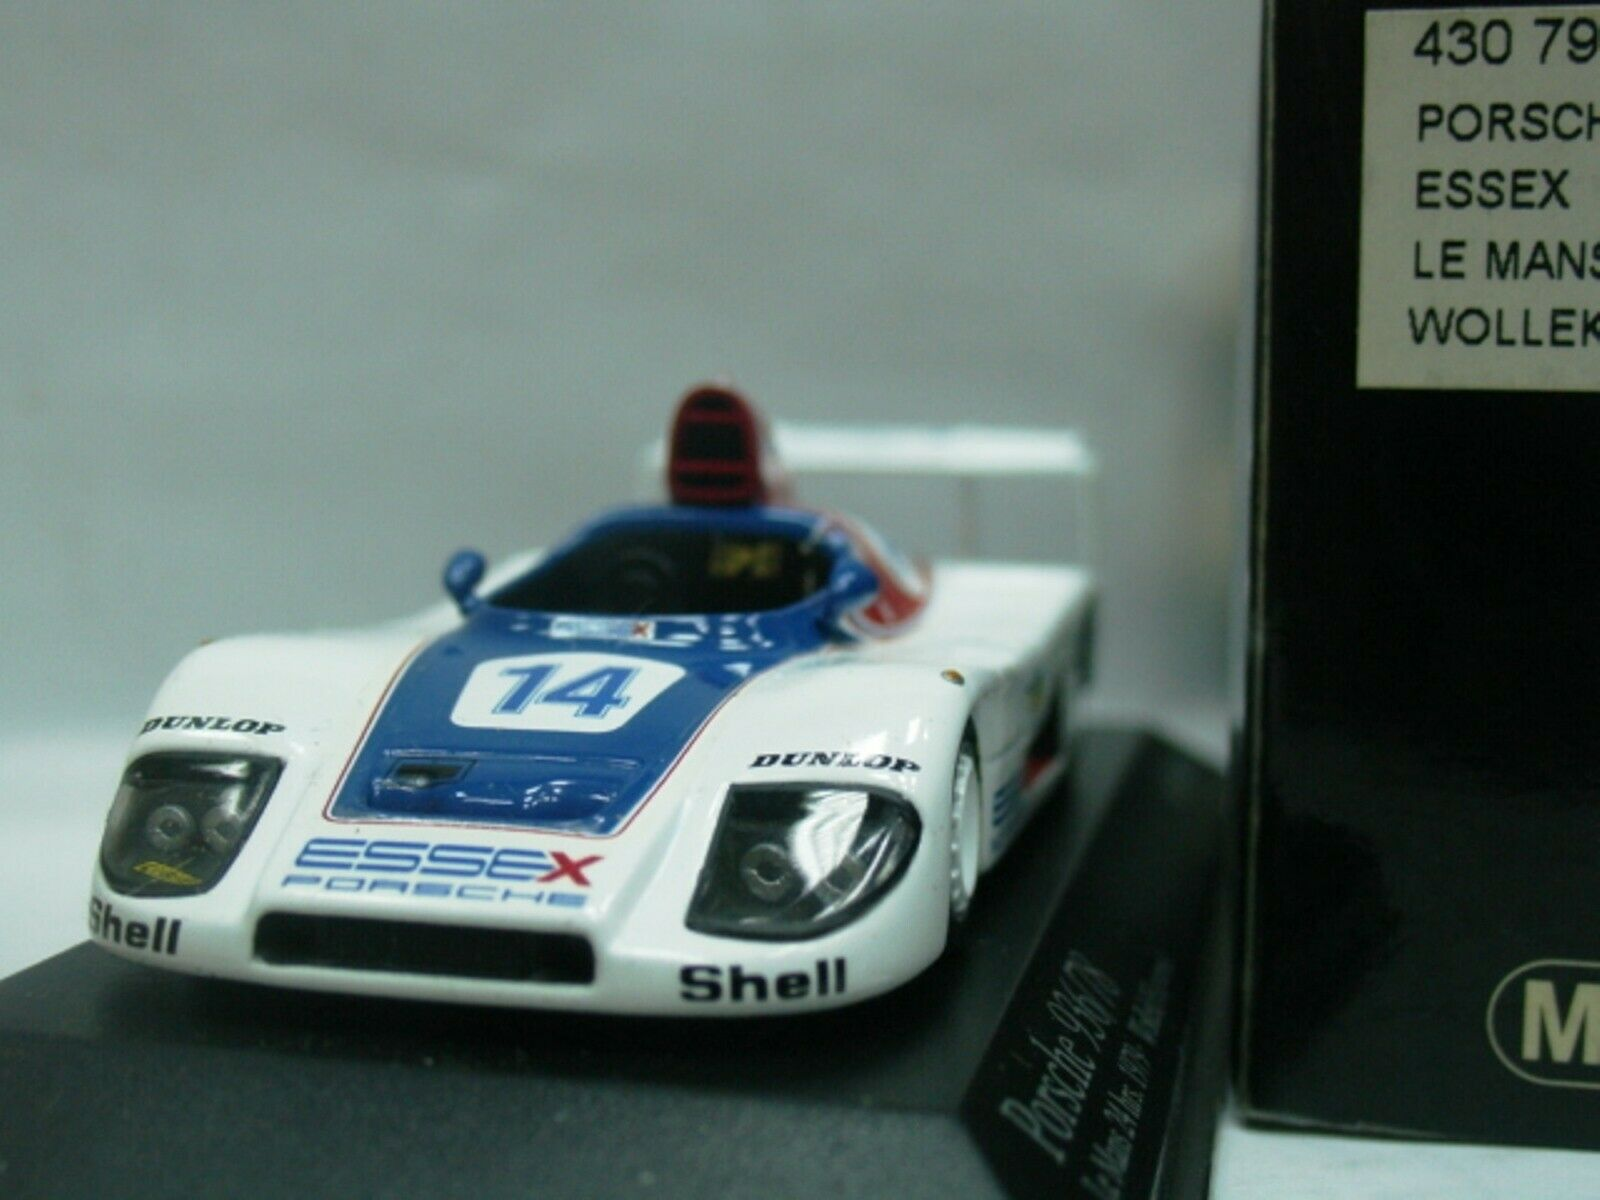 Wow extrêmement rare Porsche 936 1979 Turbo Turbo Turbo  14 Wollek Le Mans 1 43 Minichamps - 935 a75819